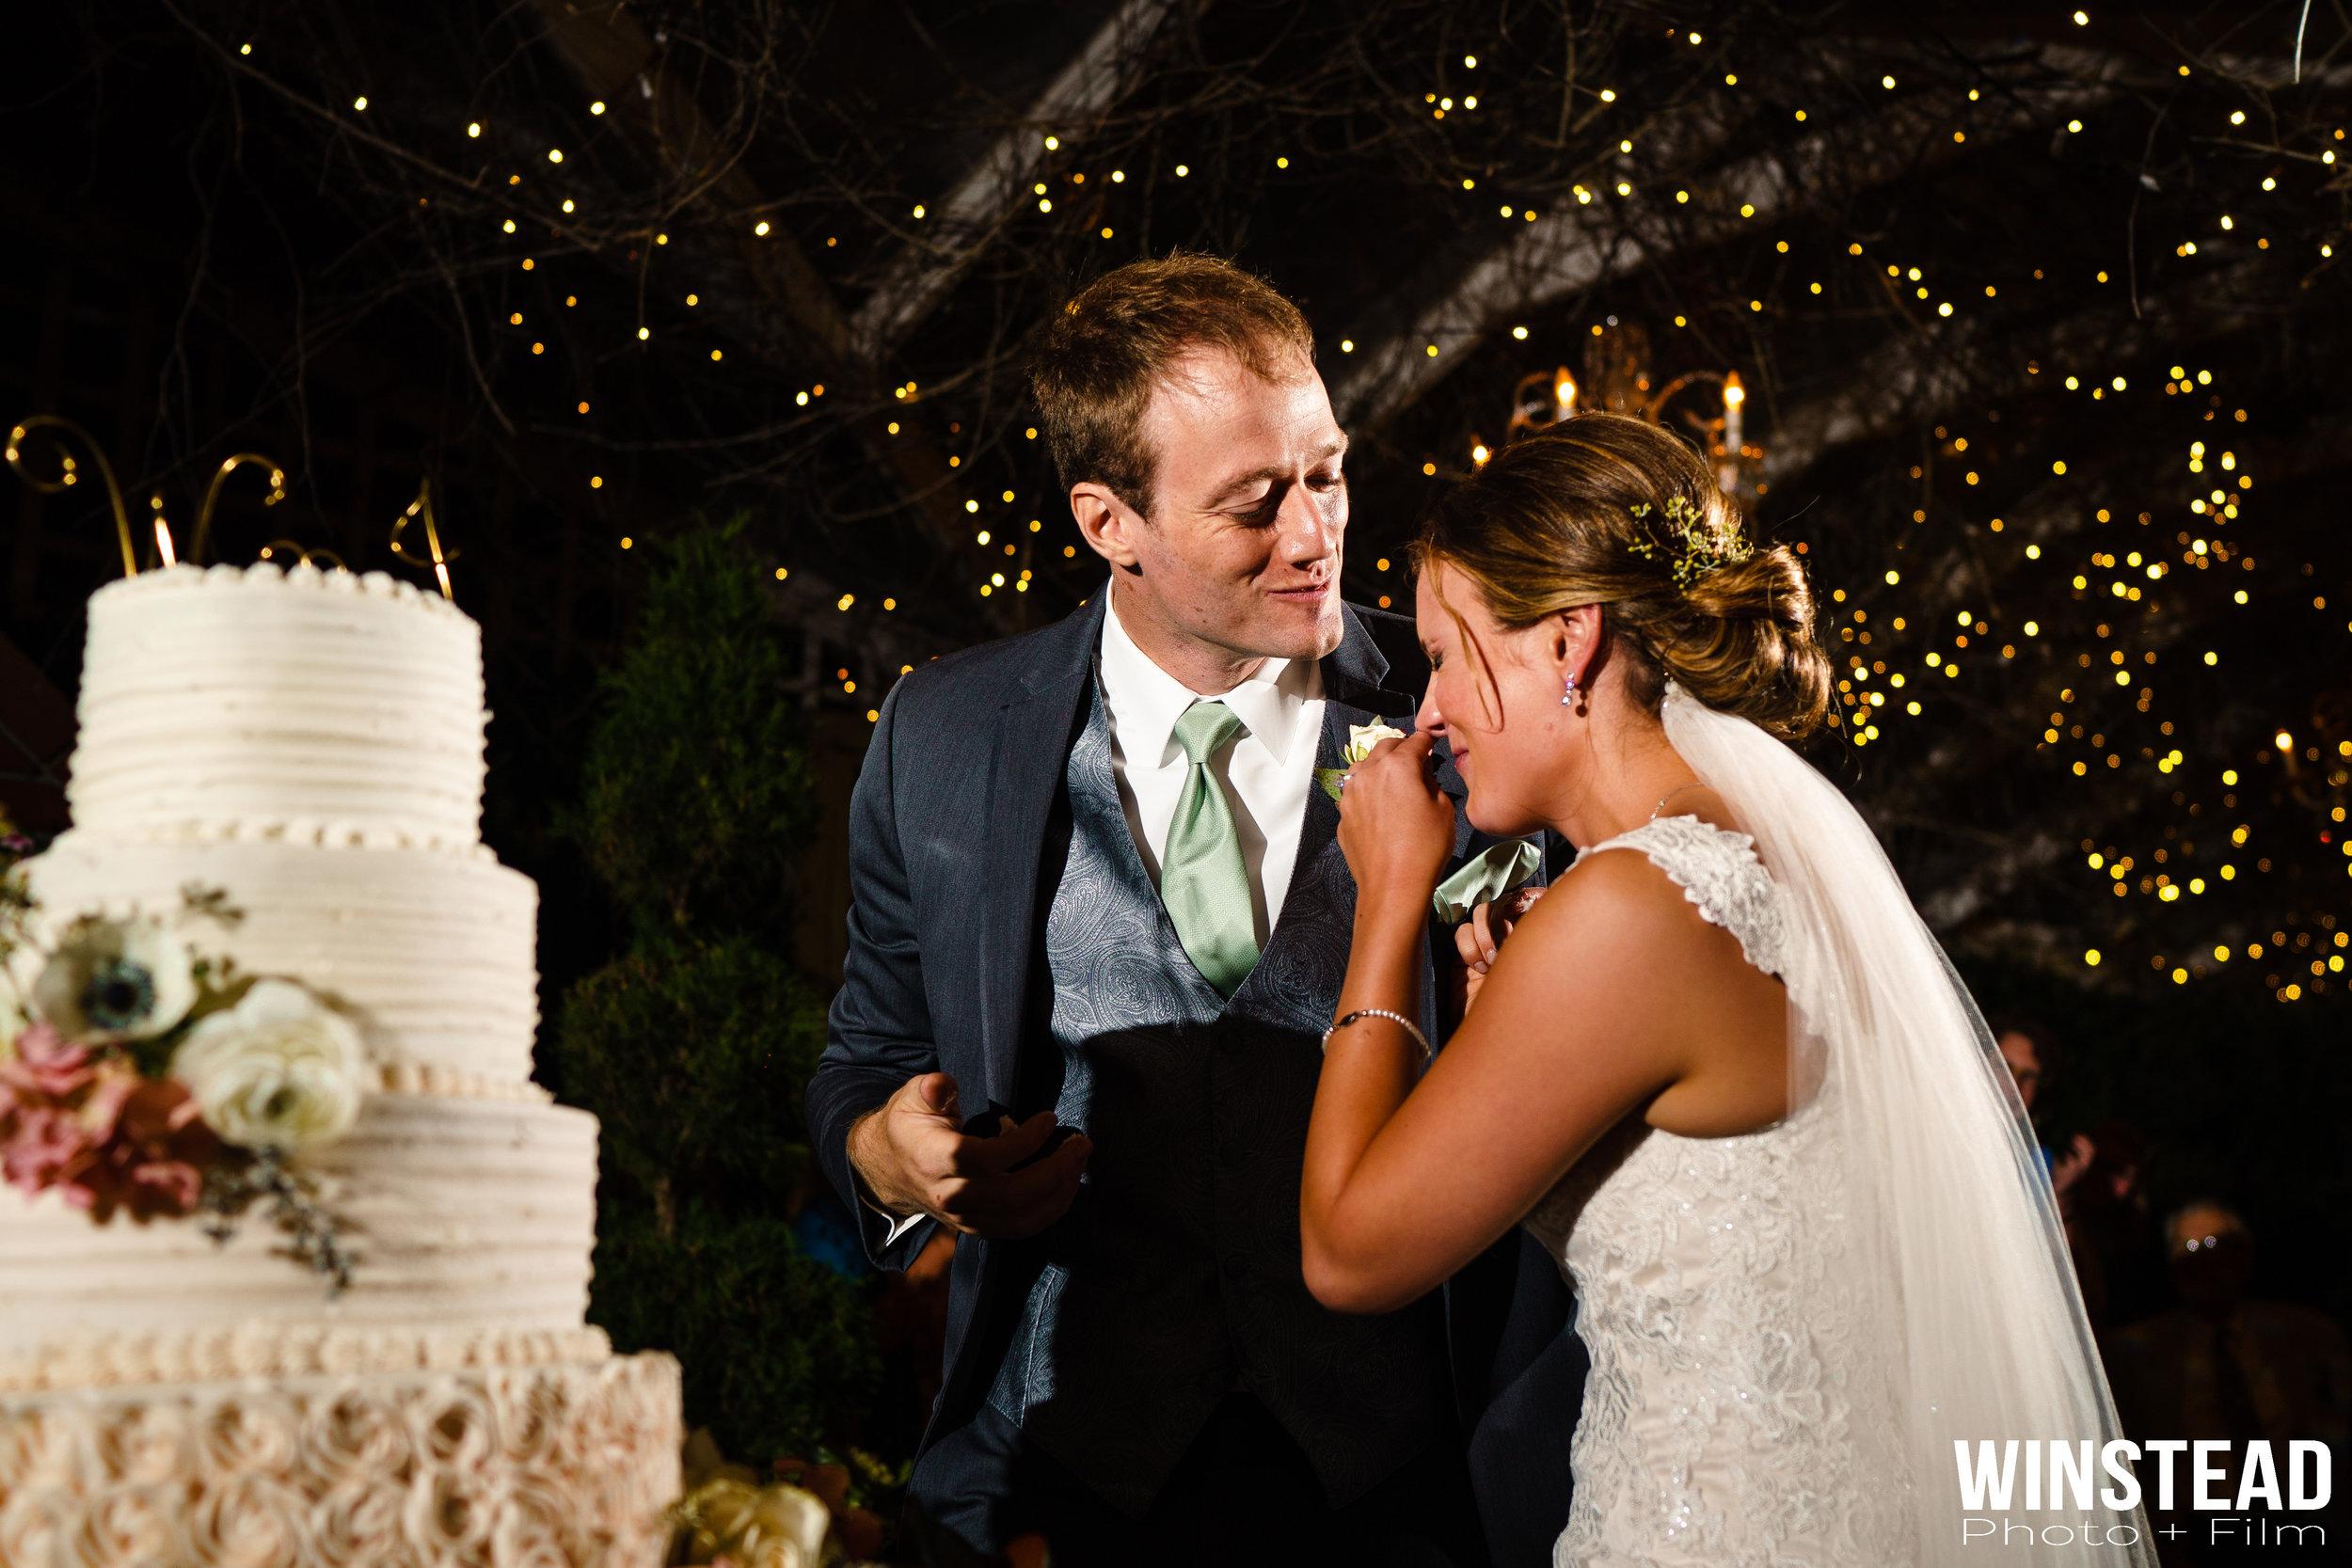 watson-house-emerald-isle-nc-wedding-047.jpg